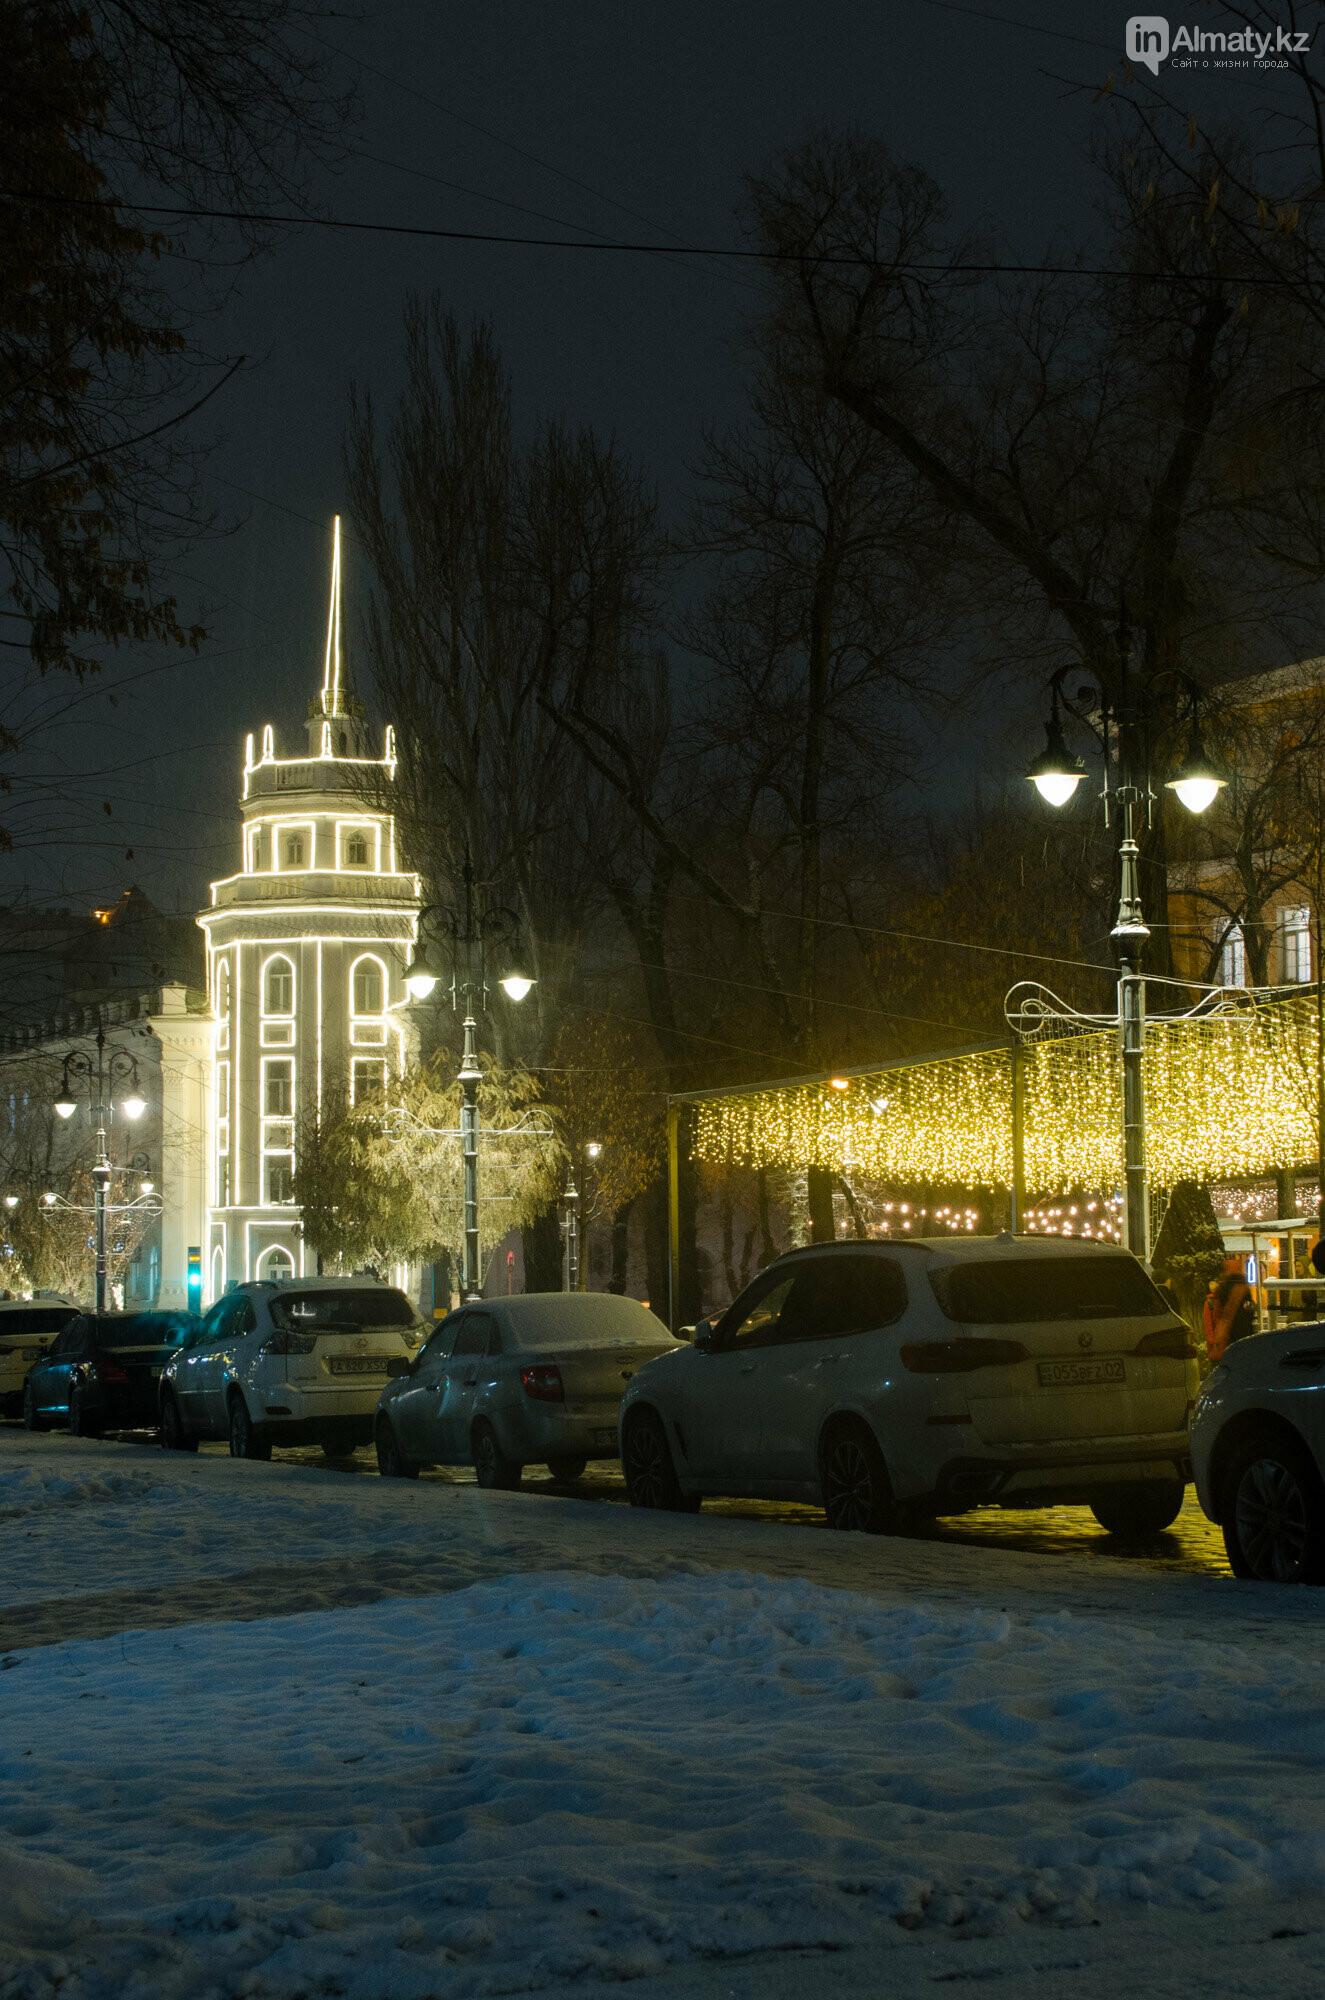 Как украшен центр Алматы к Новому году (фото), фото-32